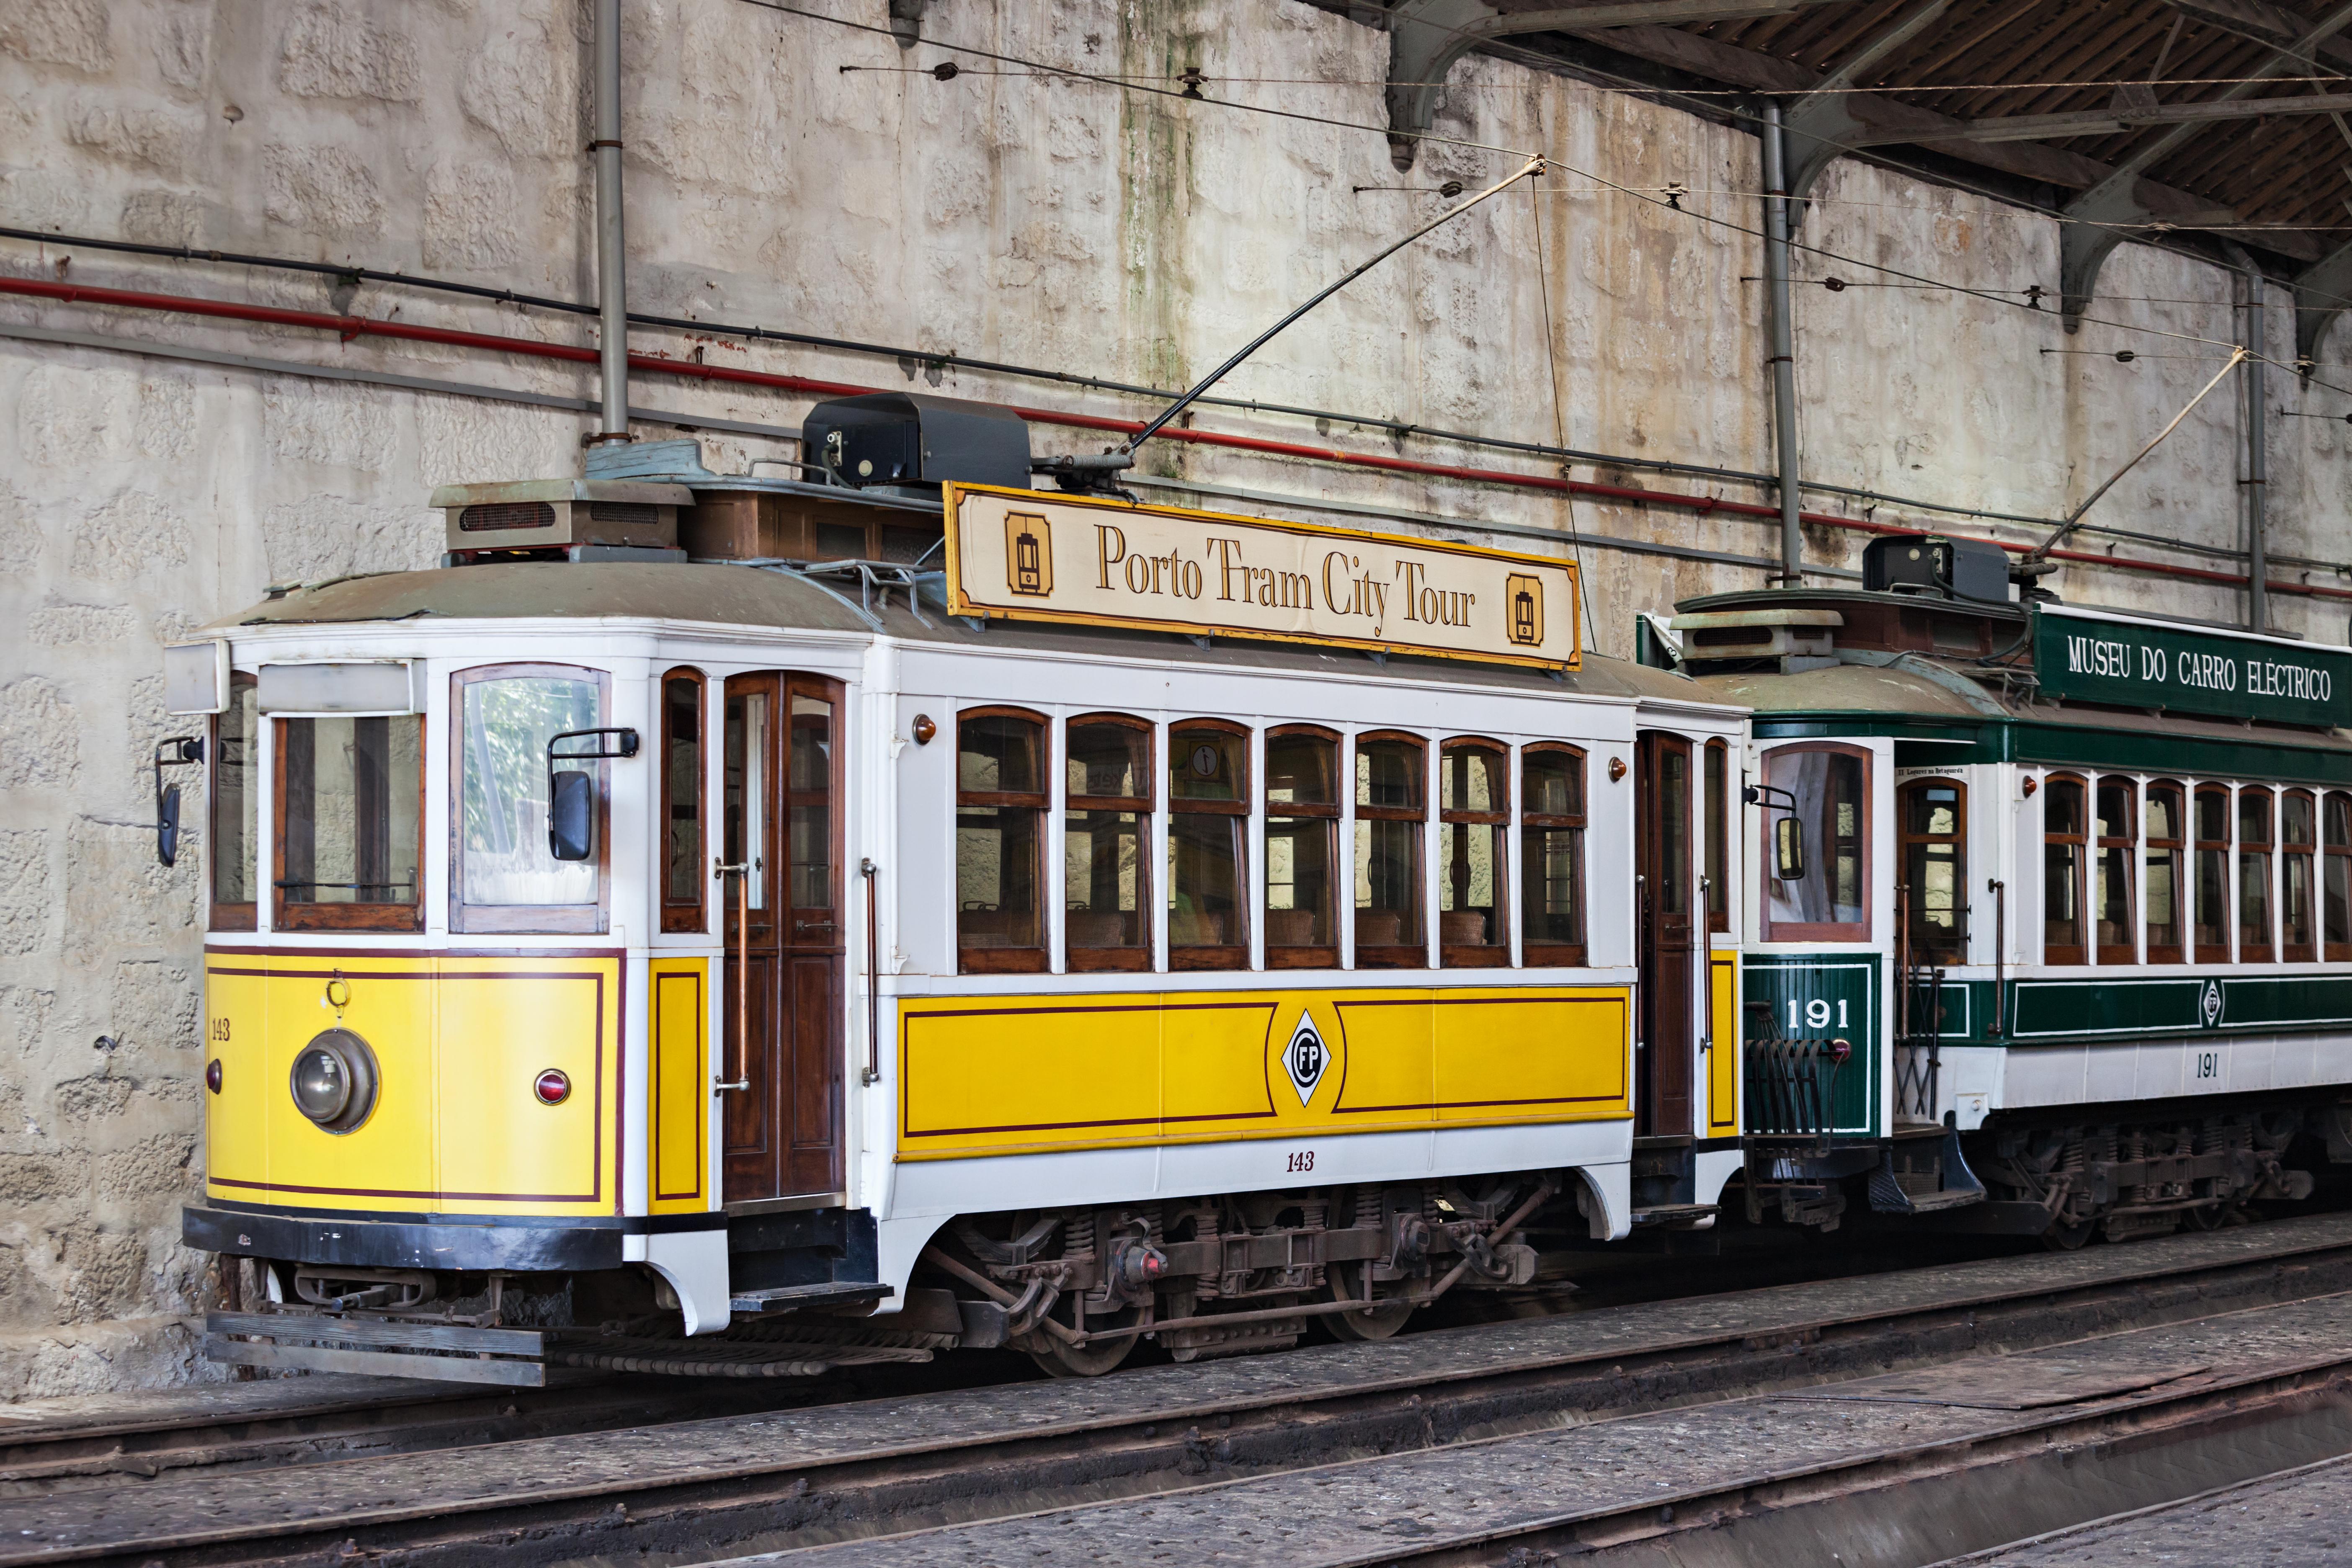 Museu do Carro Electrico